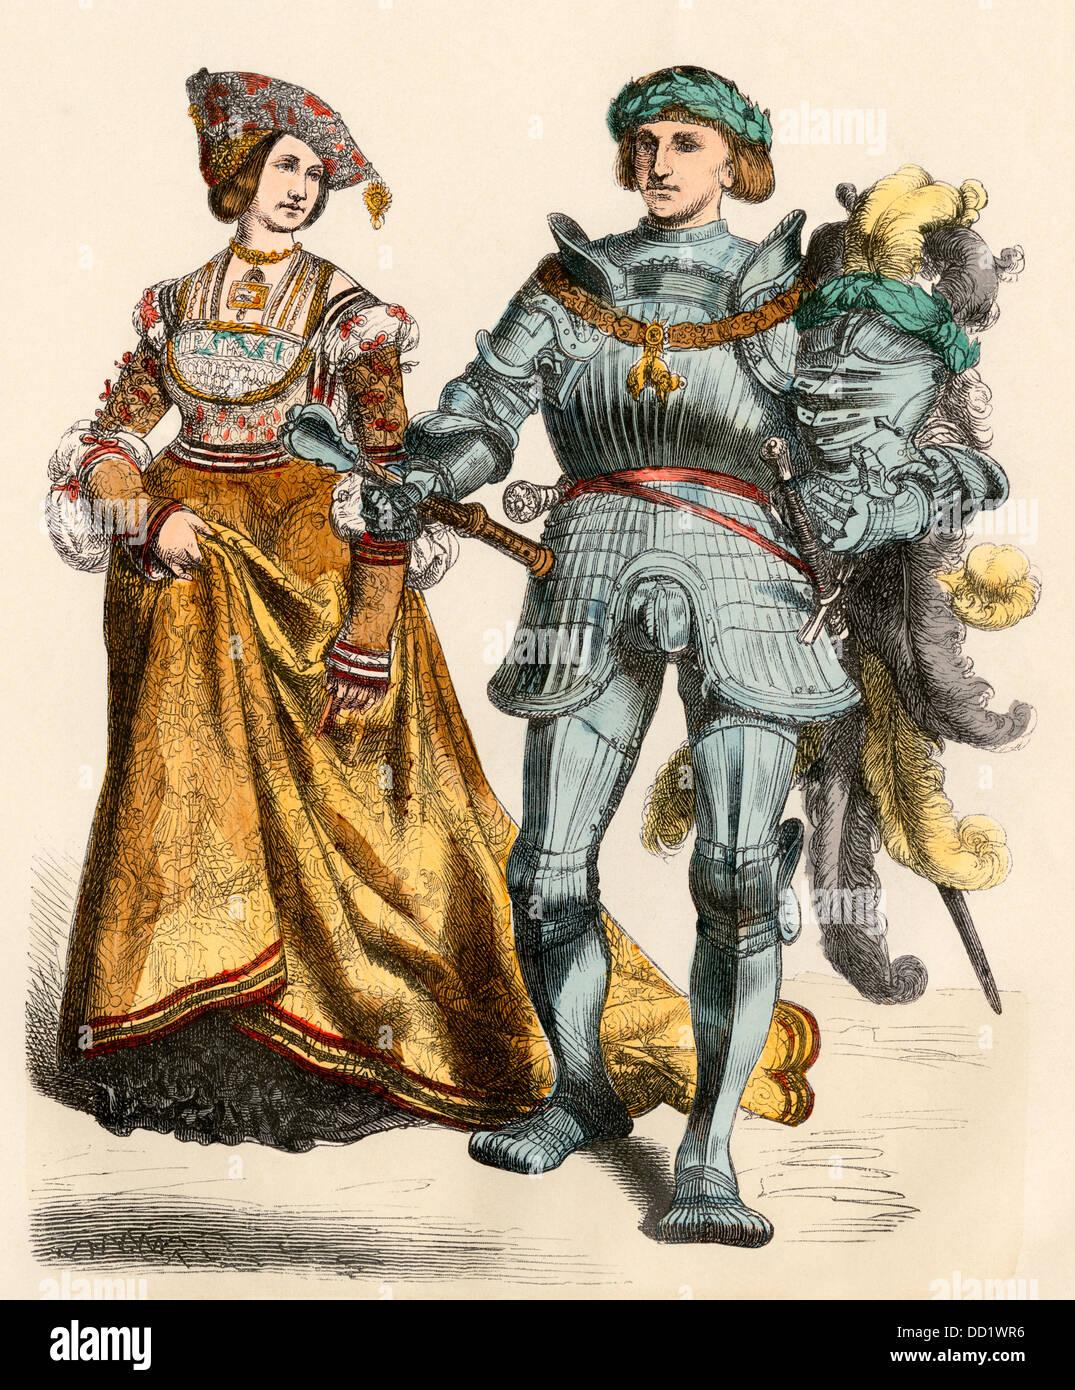 Deutscher Prinz und Prinzessin, 1500. Hand-farbig drucken Stockbild